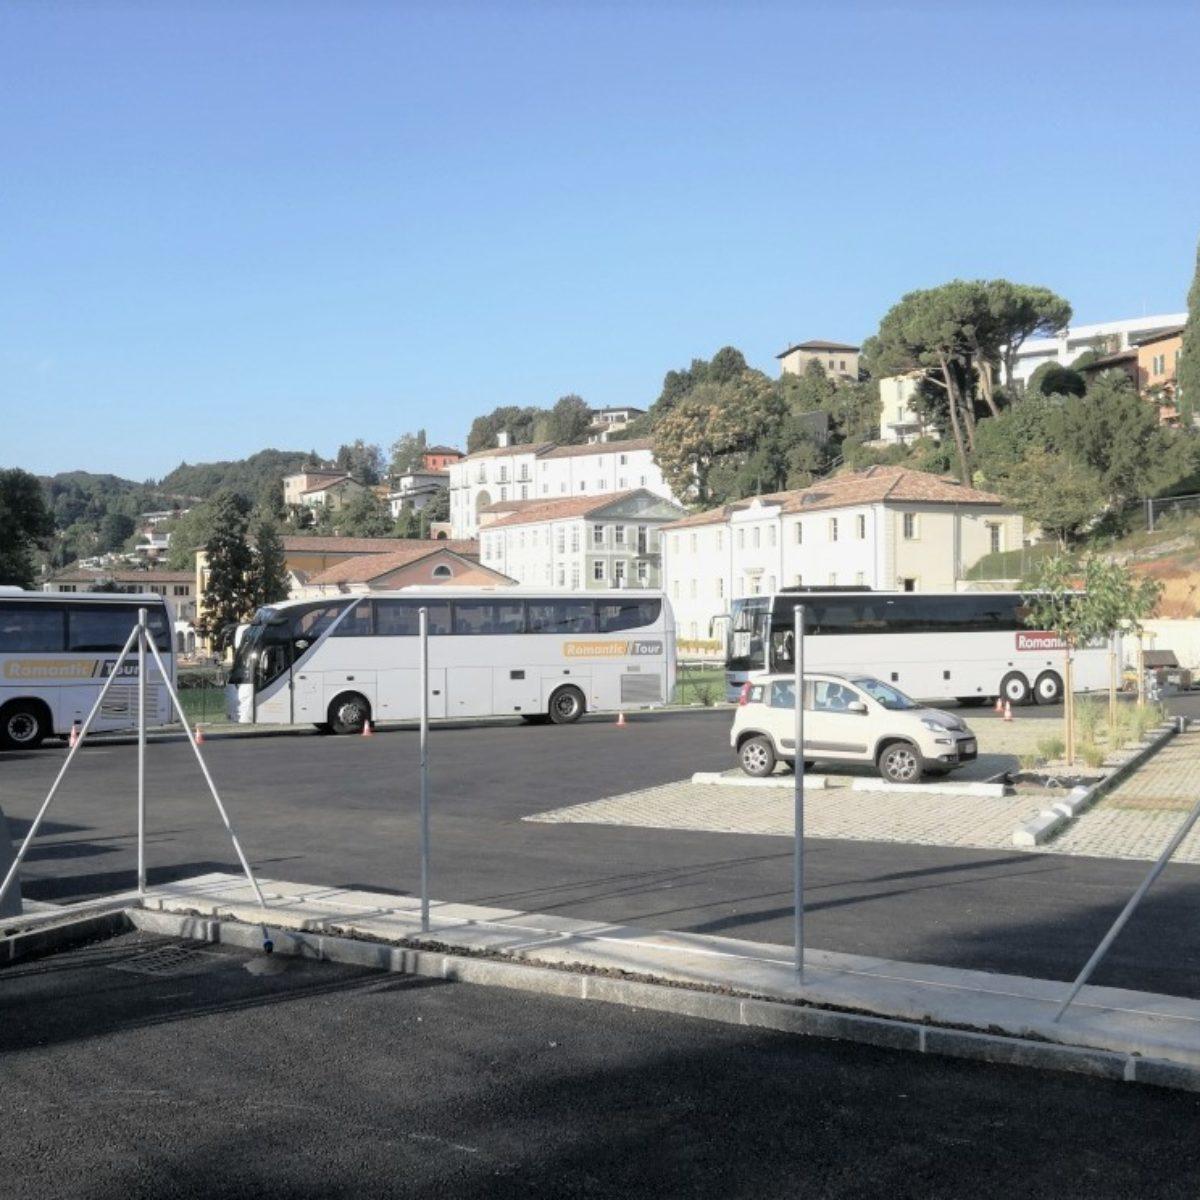 Nuovo posteggio provvisorio, Campus Scolastico TASIS a Montagnola